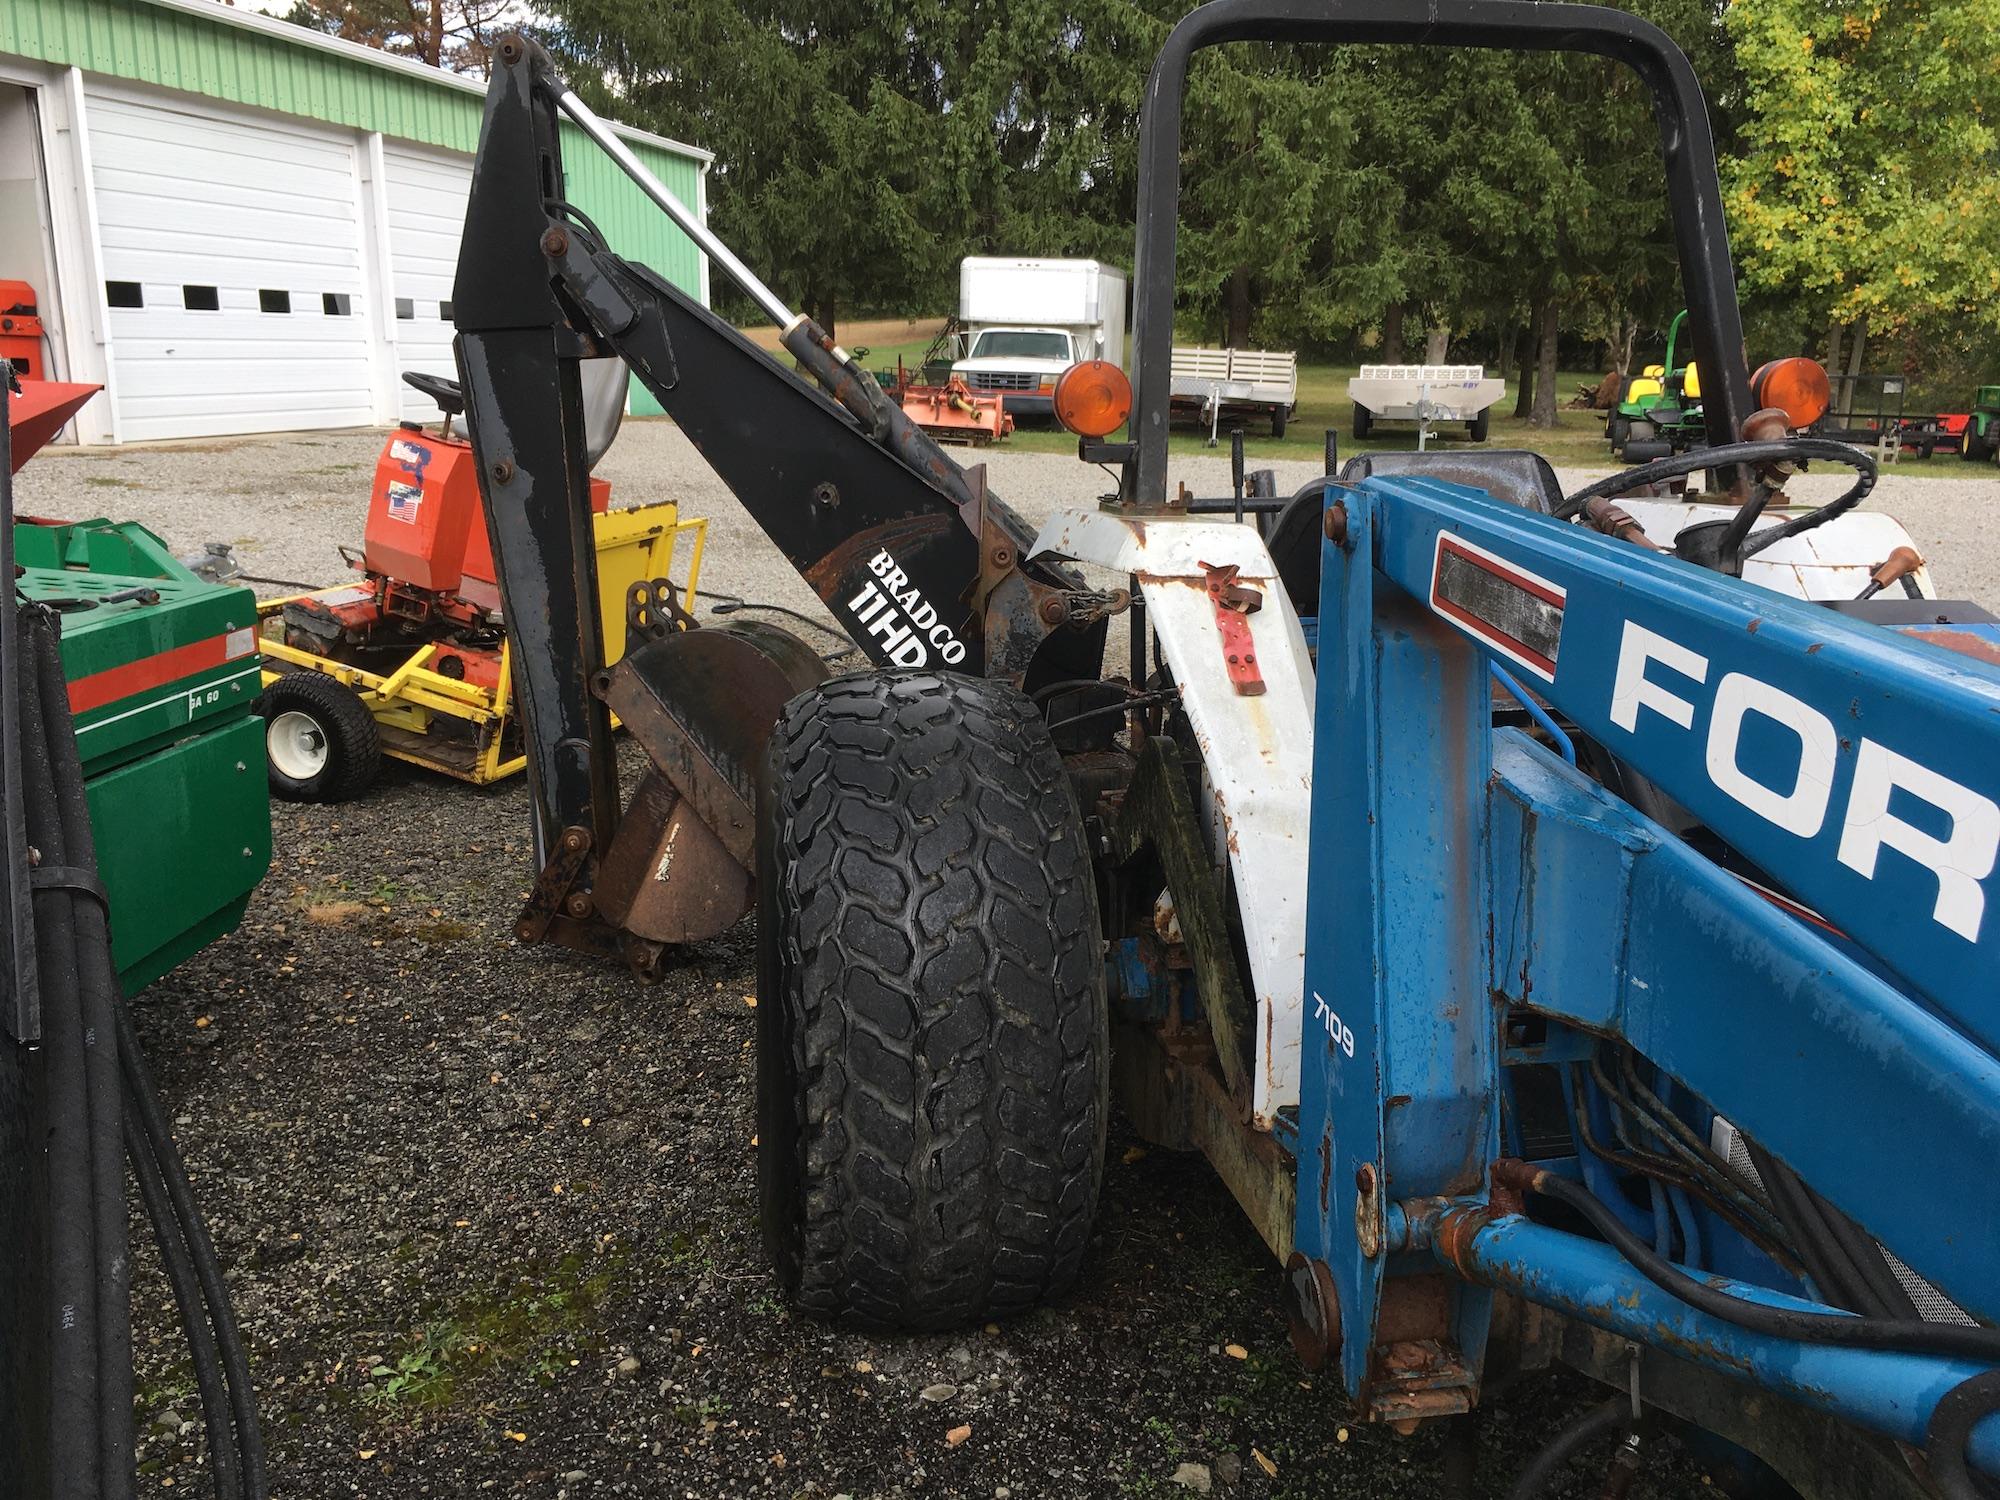 Ford-2120-Tractor-Loader-Backhoe-04